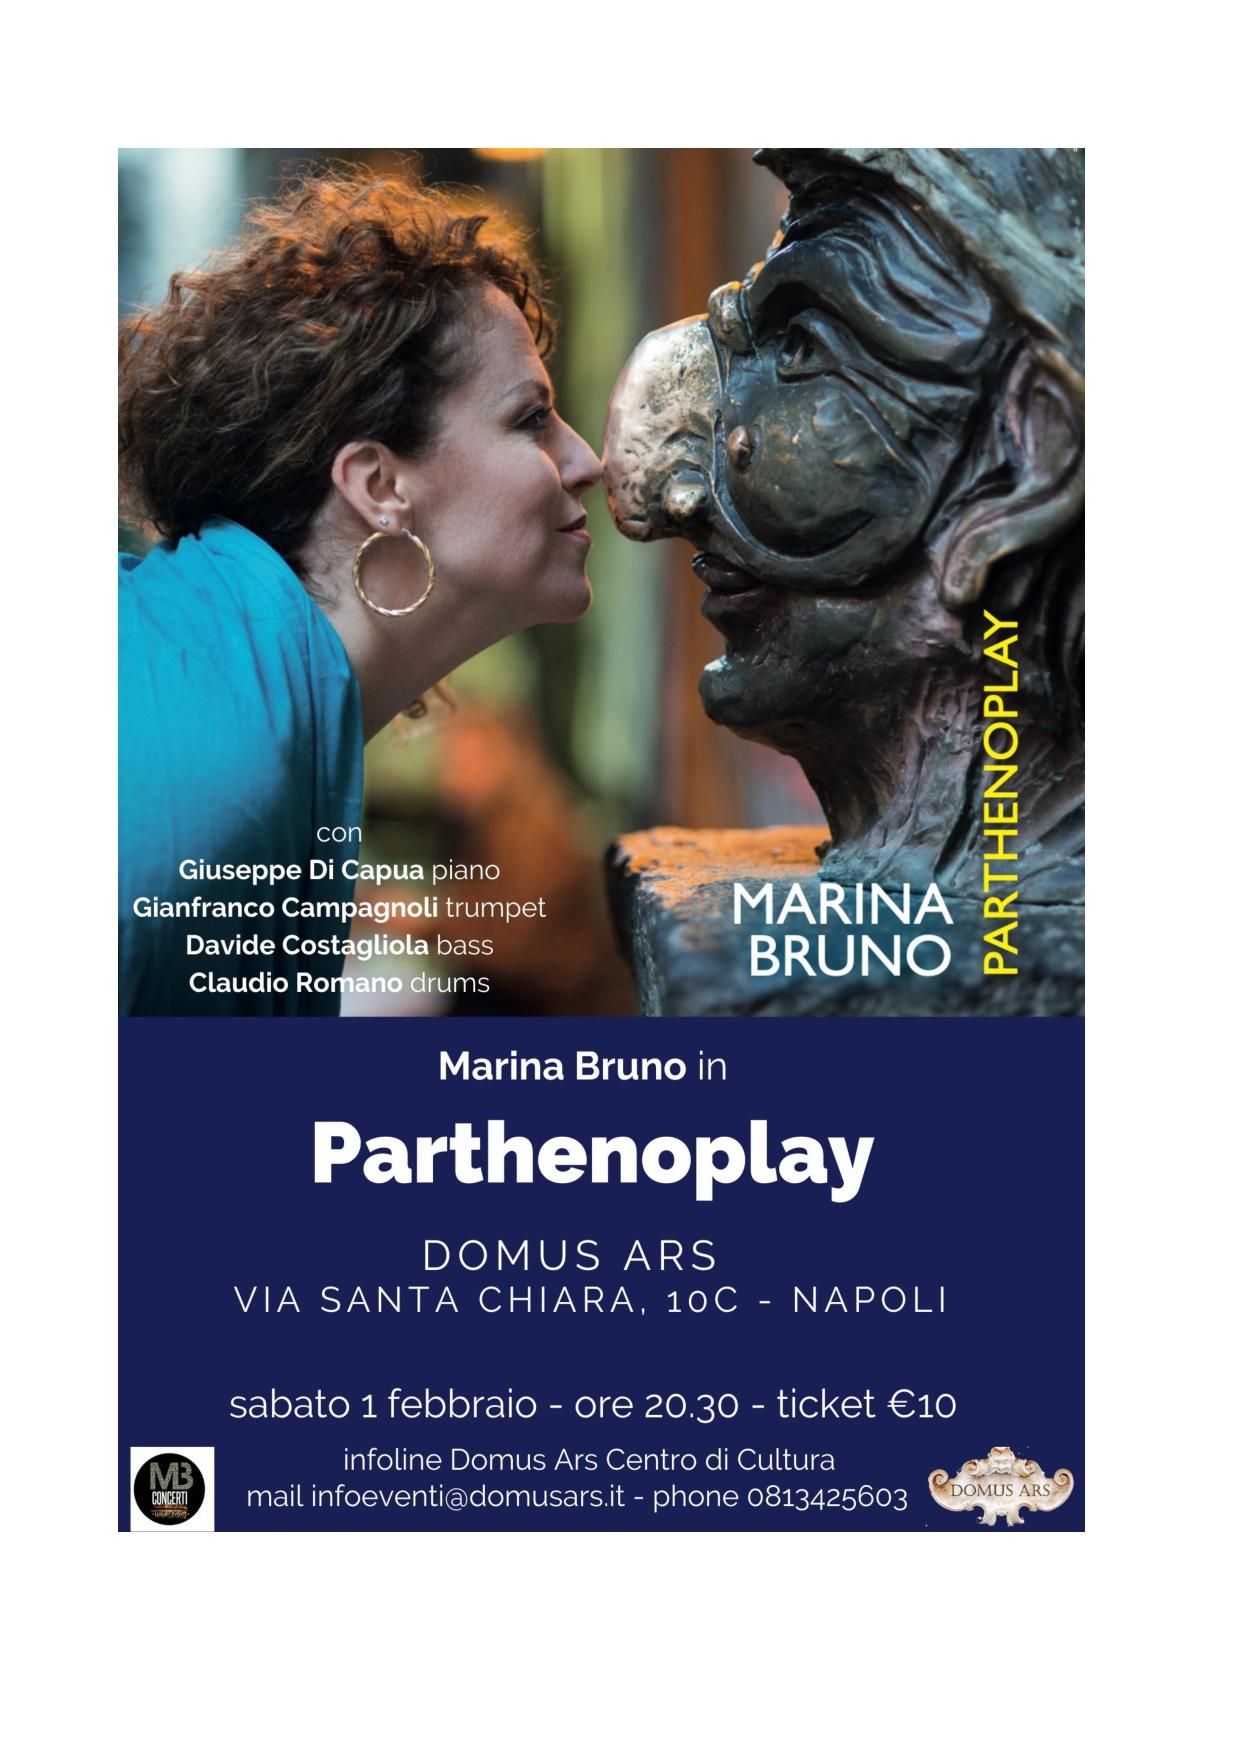 Parthenoplay Marina Bruno presenta il suo quarto lavoro discografico presso la Domus Ars. Parthenope vede la collaborazione di numerosi musicisti.